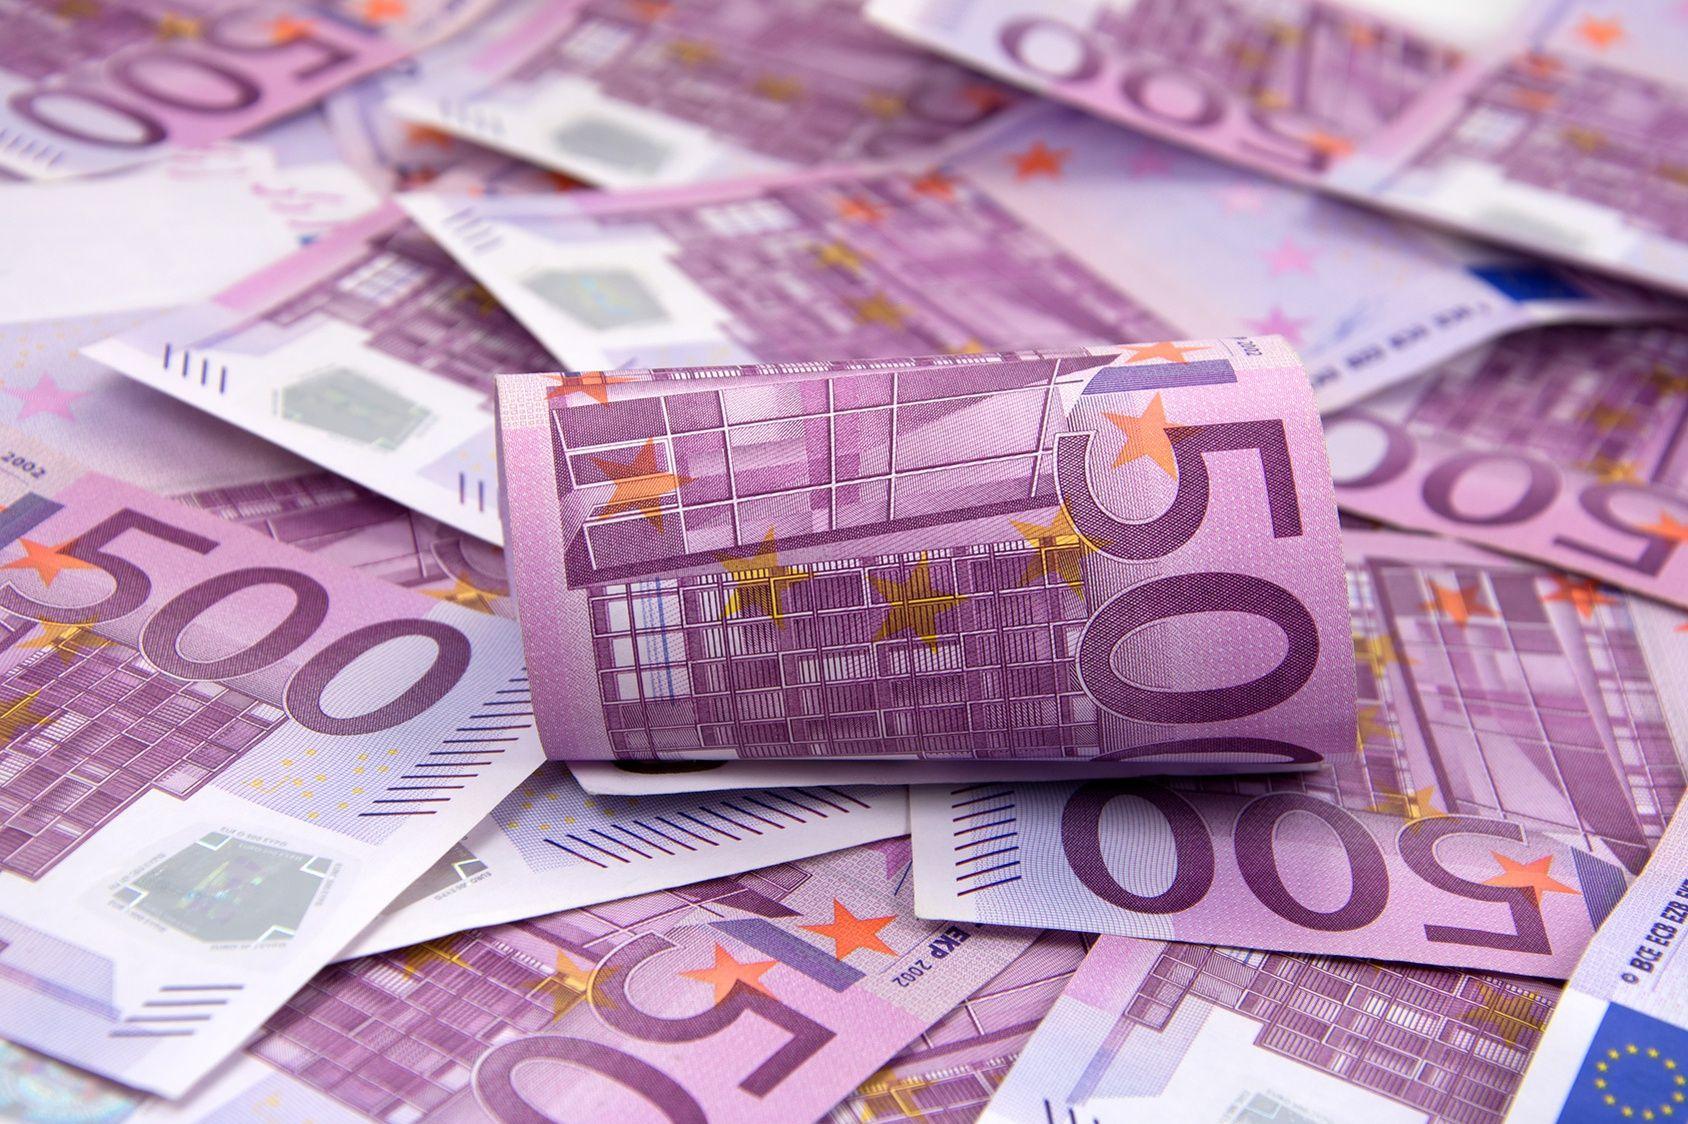 La Bce Va Cesser D'imprimer Les Billets De 500 Euros Fin 2018 encequiconcerne Pièces Et Billets En Euros À Imprimer